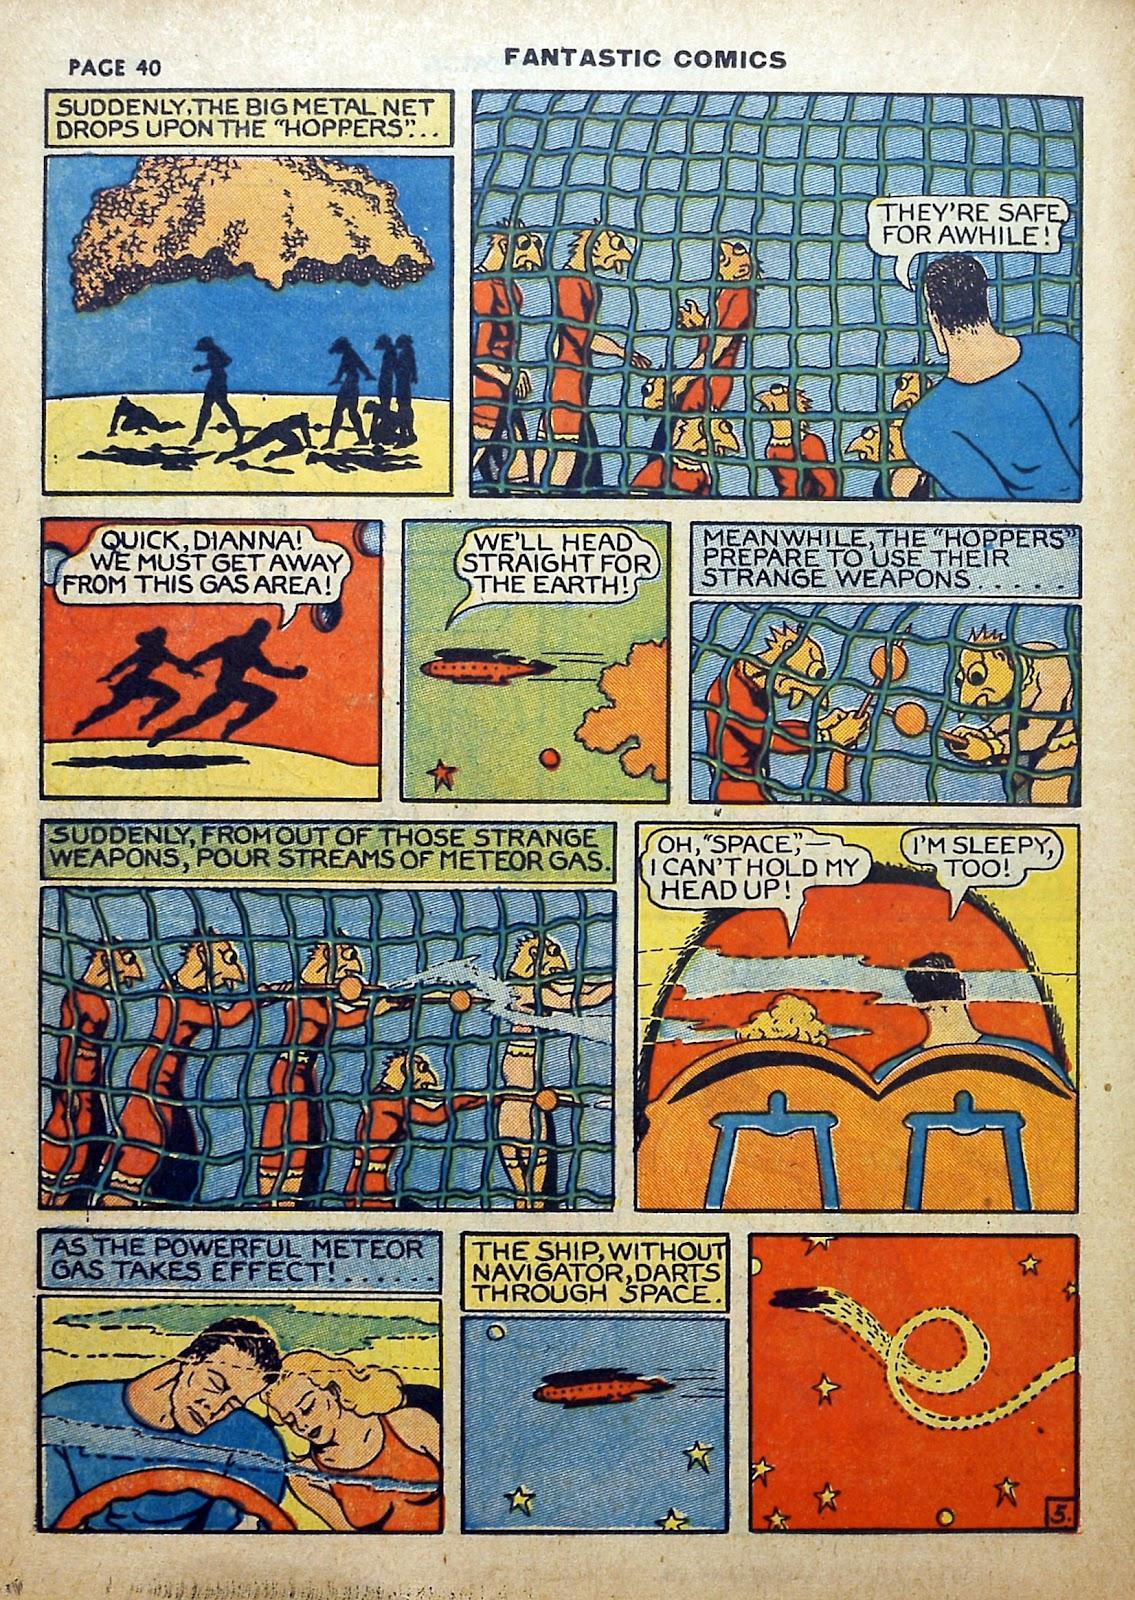 Read online Fantastic Comics comic -  Issue #5 - 41